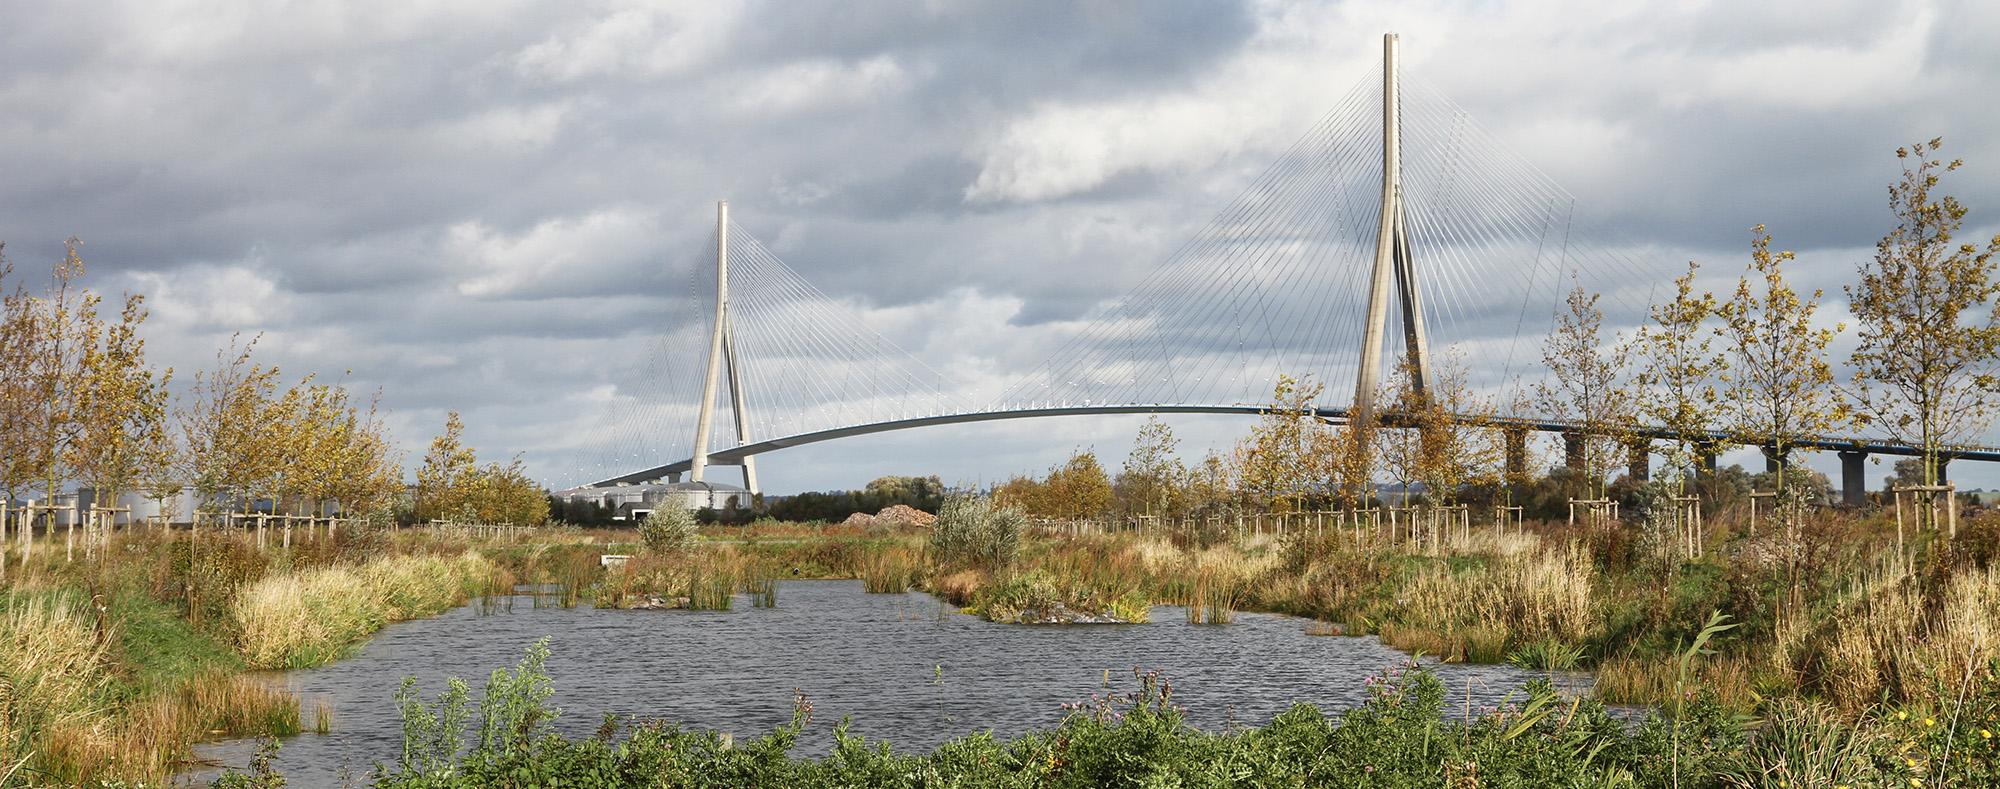 Vue sur le paysage de l'axe majeur avec le pont de Normandie